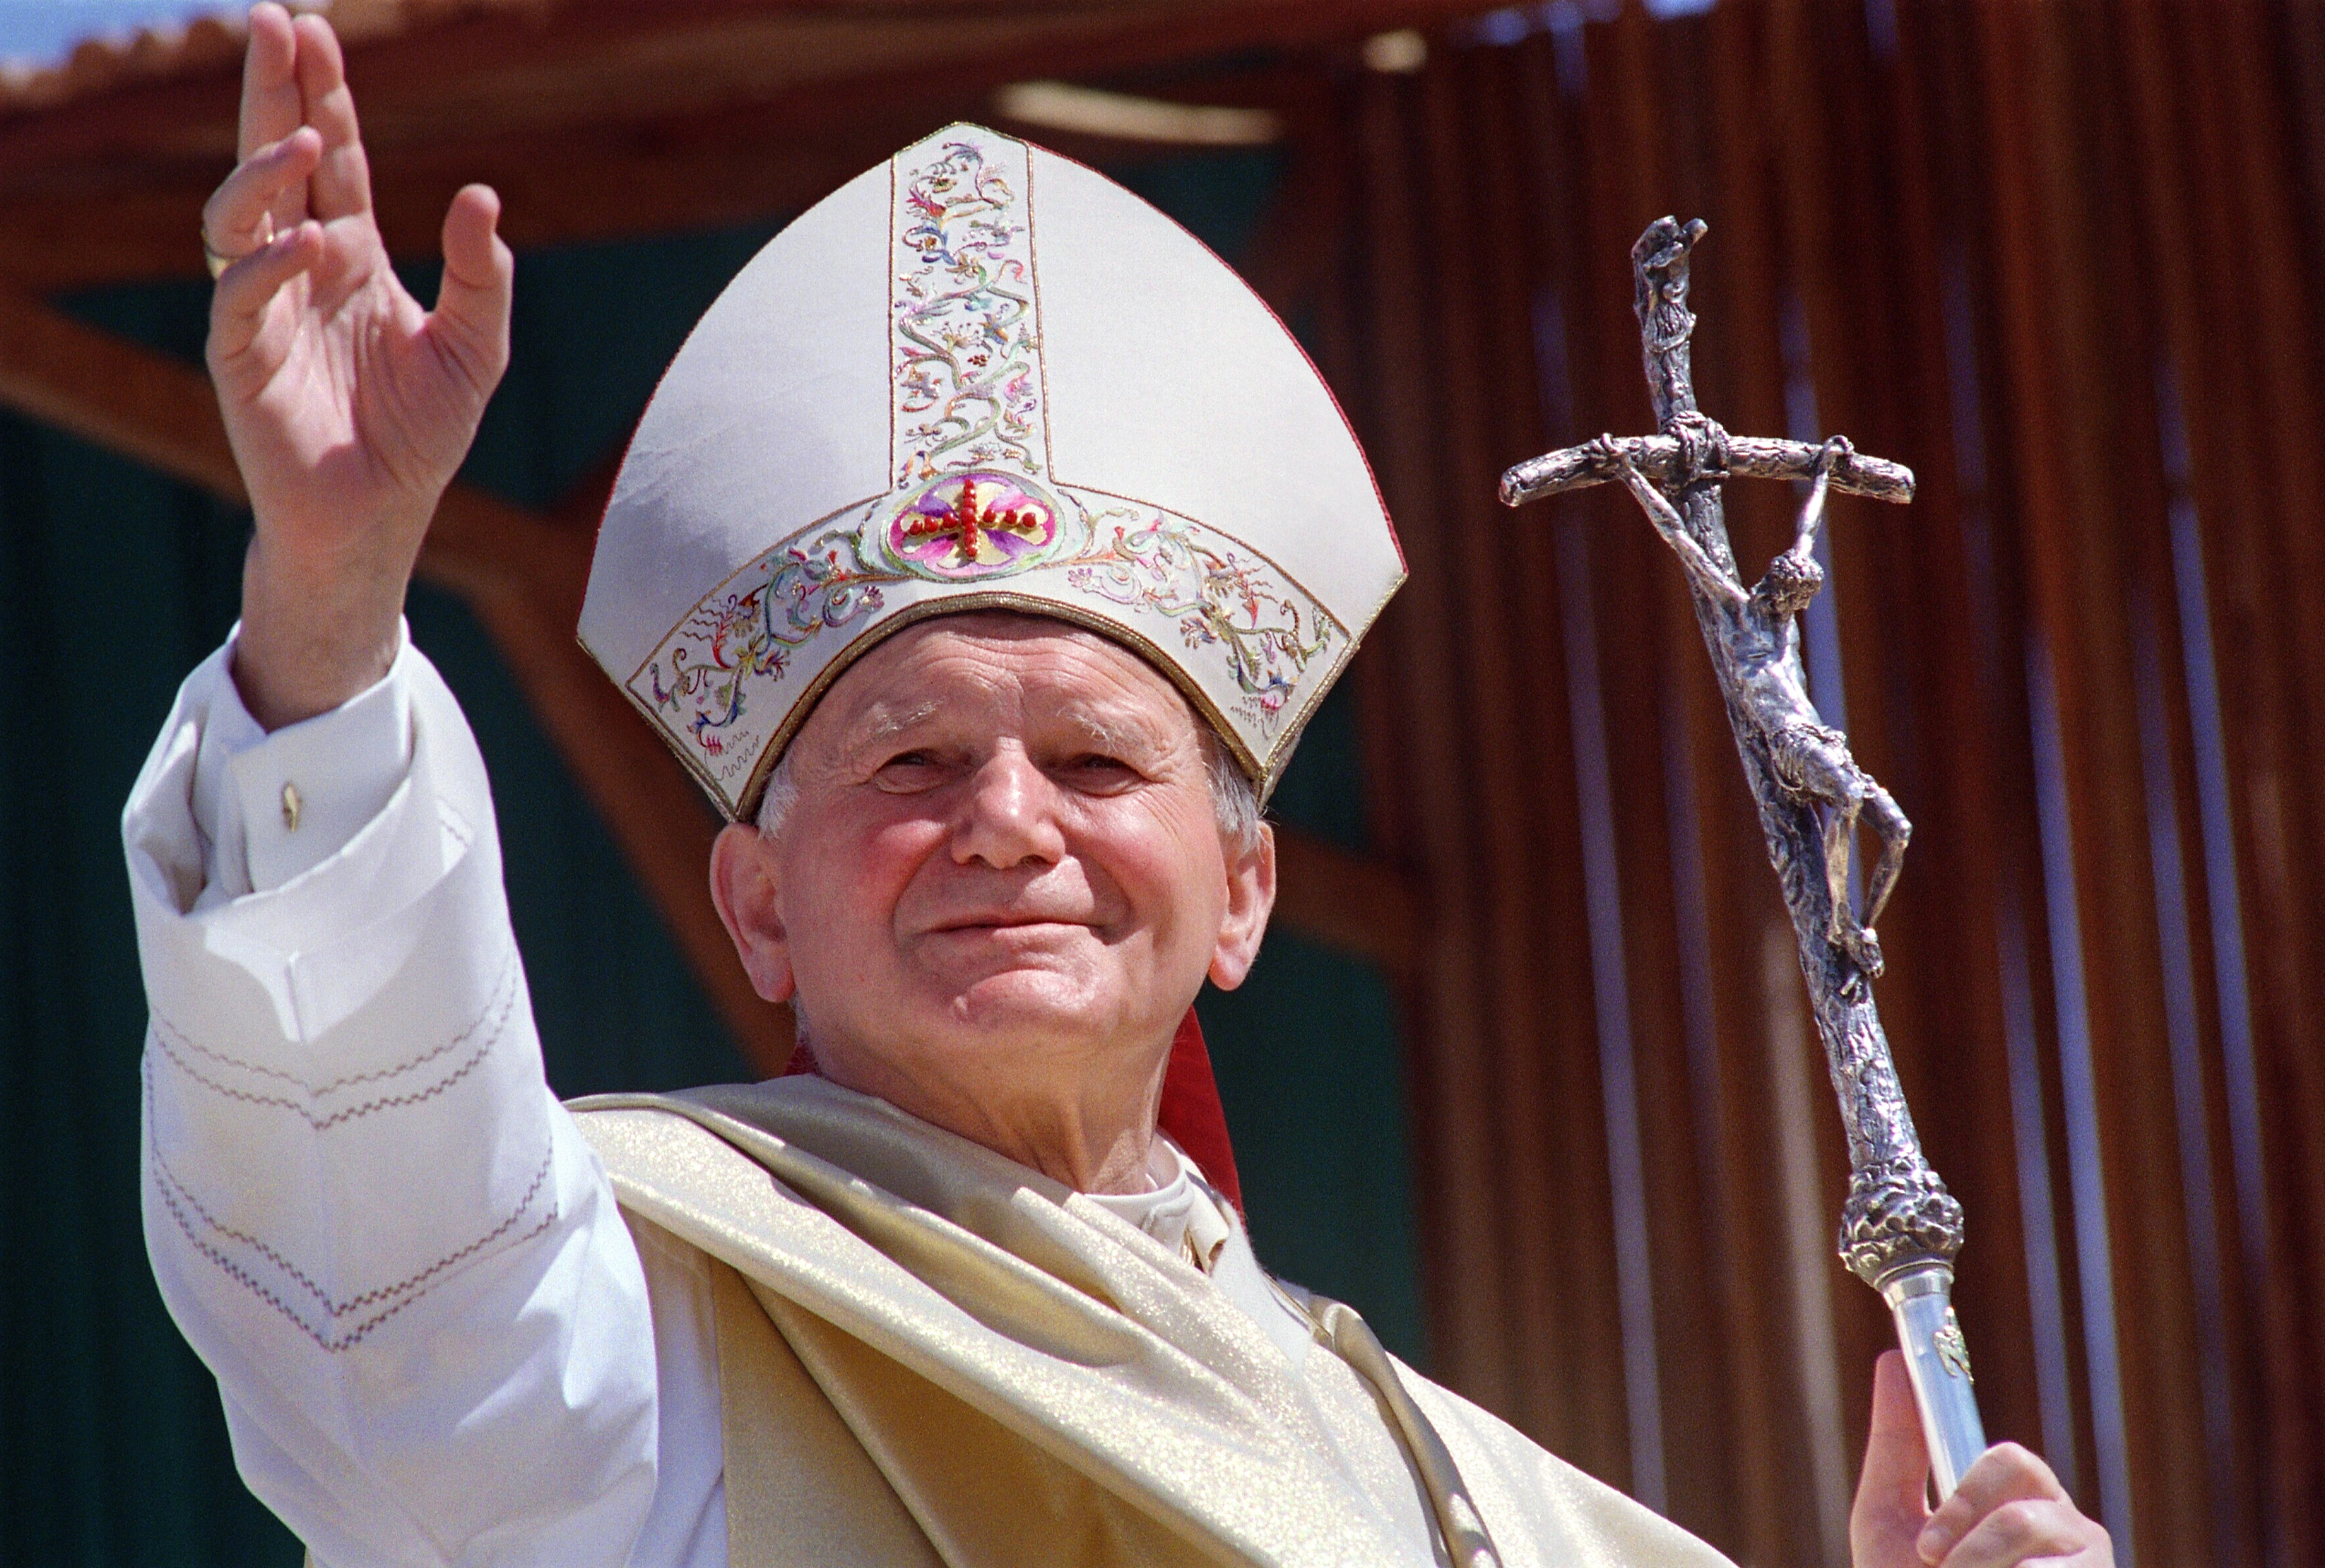 22 октября. Святой Иоанн Павел II, Папа. Память